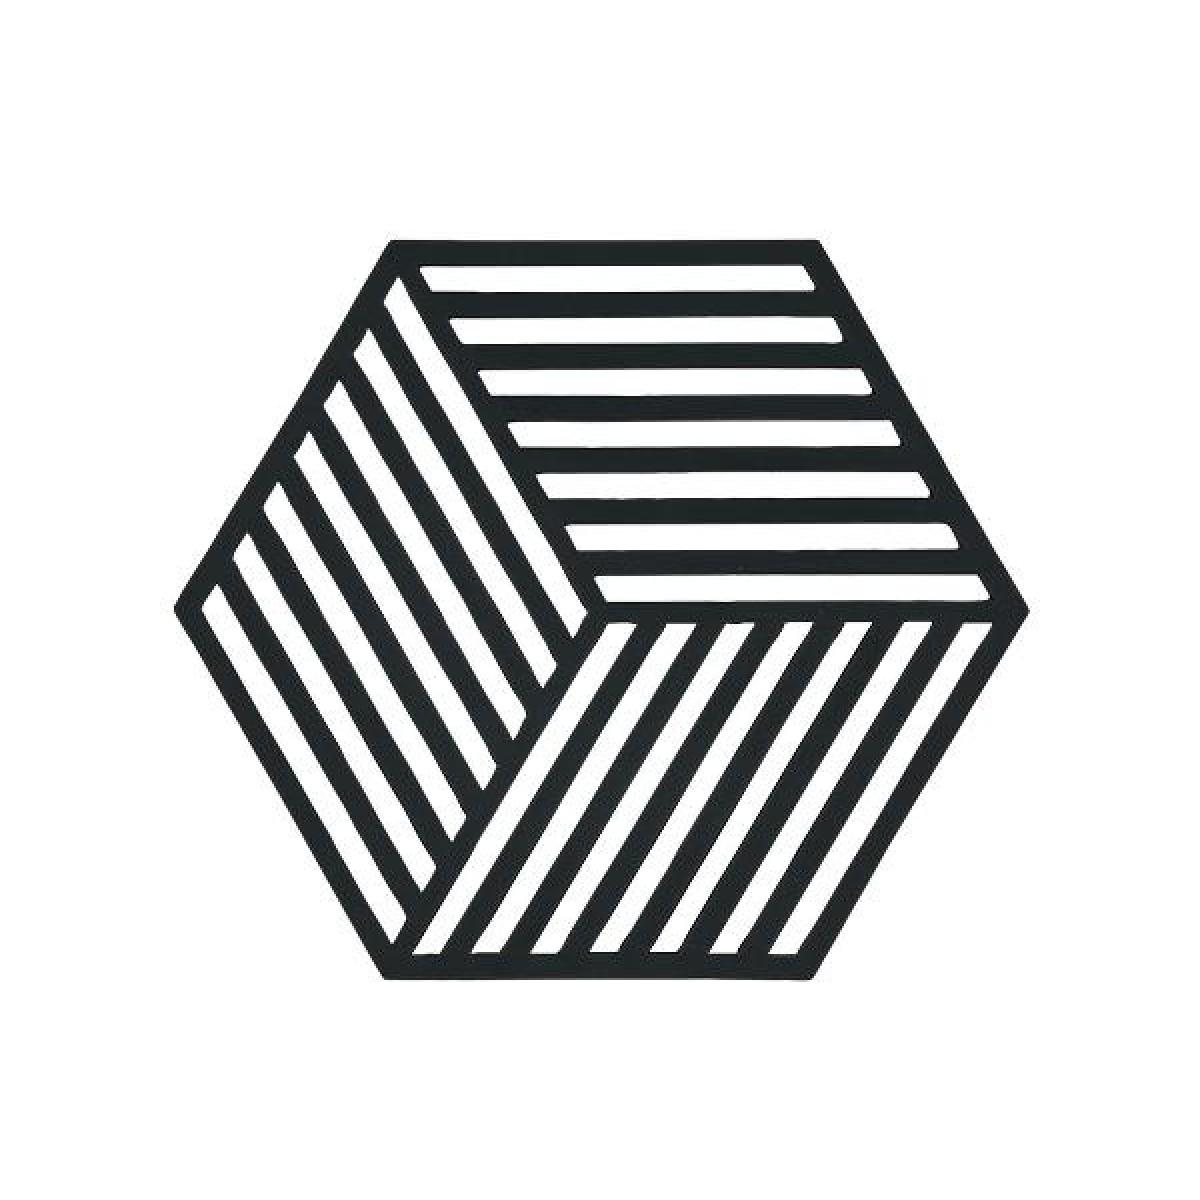 ZONE Bordskåner hexagon 16 x 14 x 0,9 cm sort